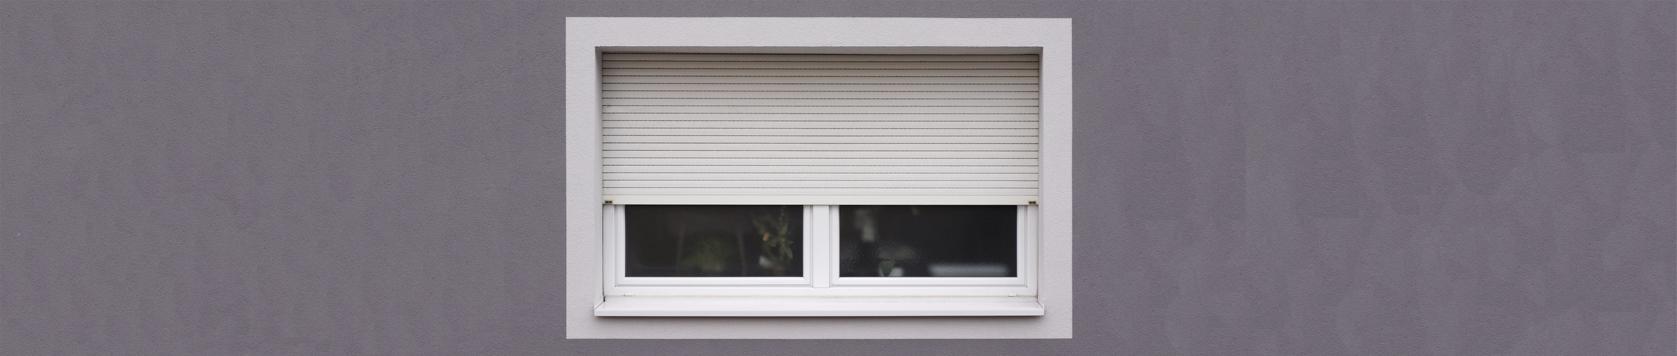 finestre a taglio termico Firenze